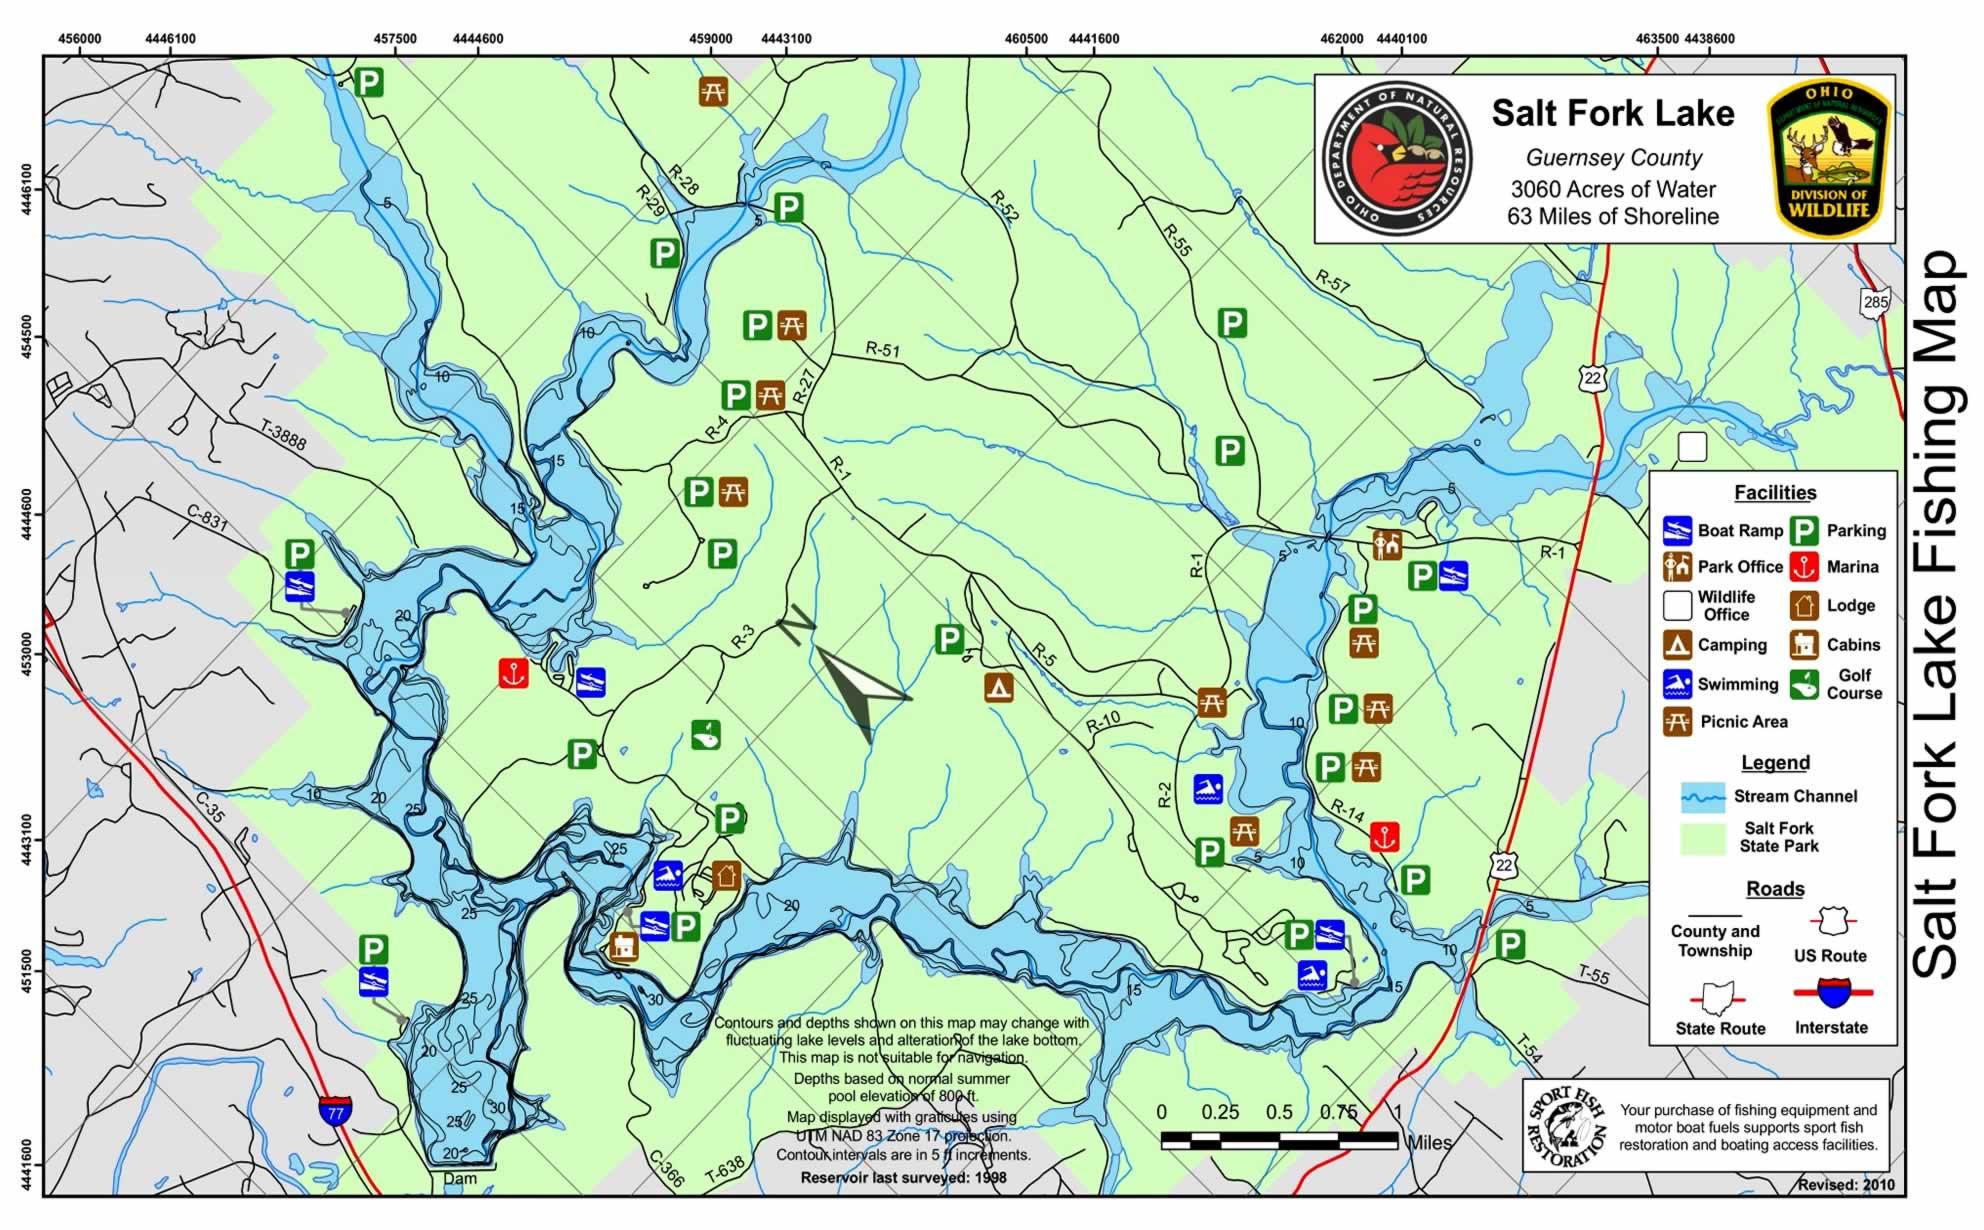 Salt Fork Lake OH Fishing Map